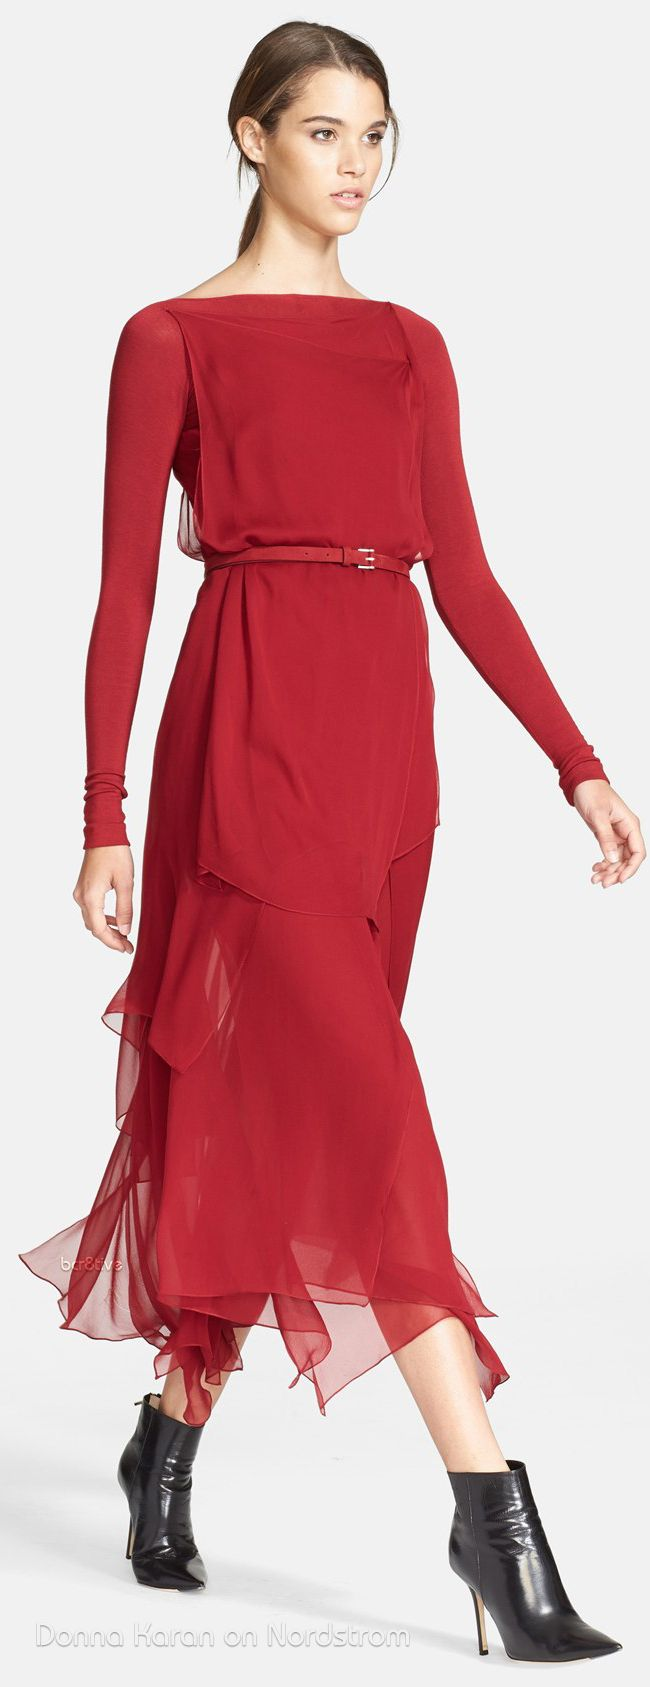 Donna Karan (FW14) Collection Layered Silk Chiffon Midi Dress